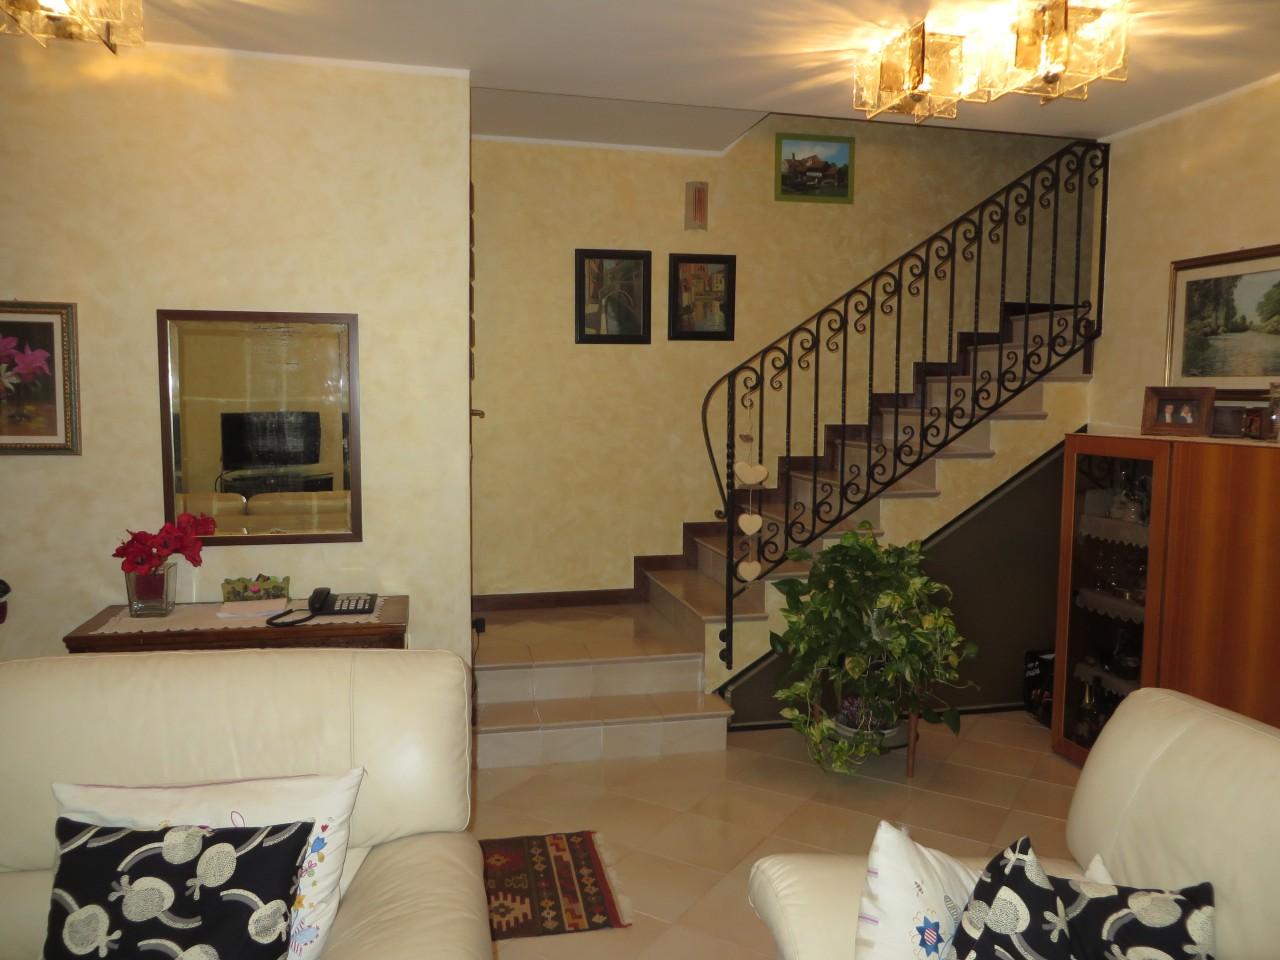 TERRANEGRA - In complesso residenziale composto da villette a schiera ...